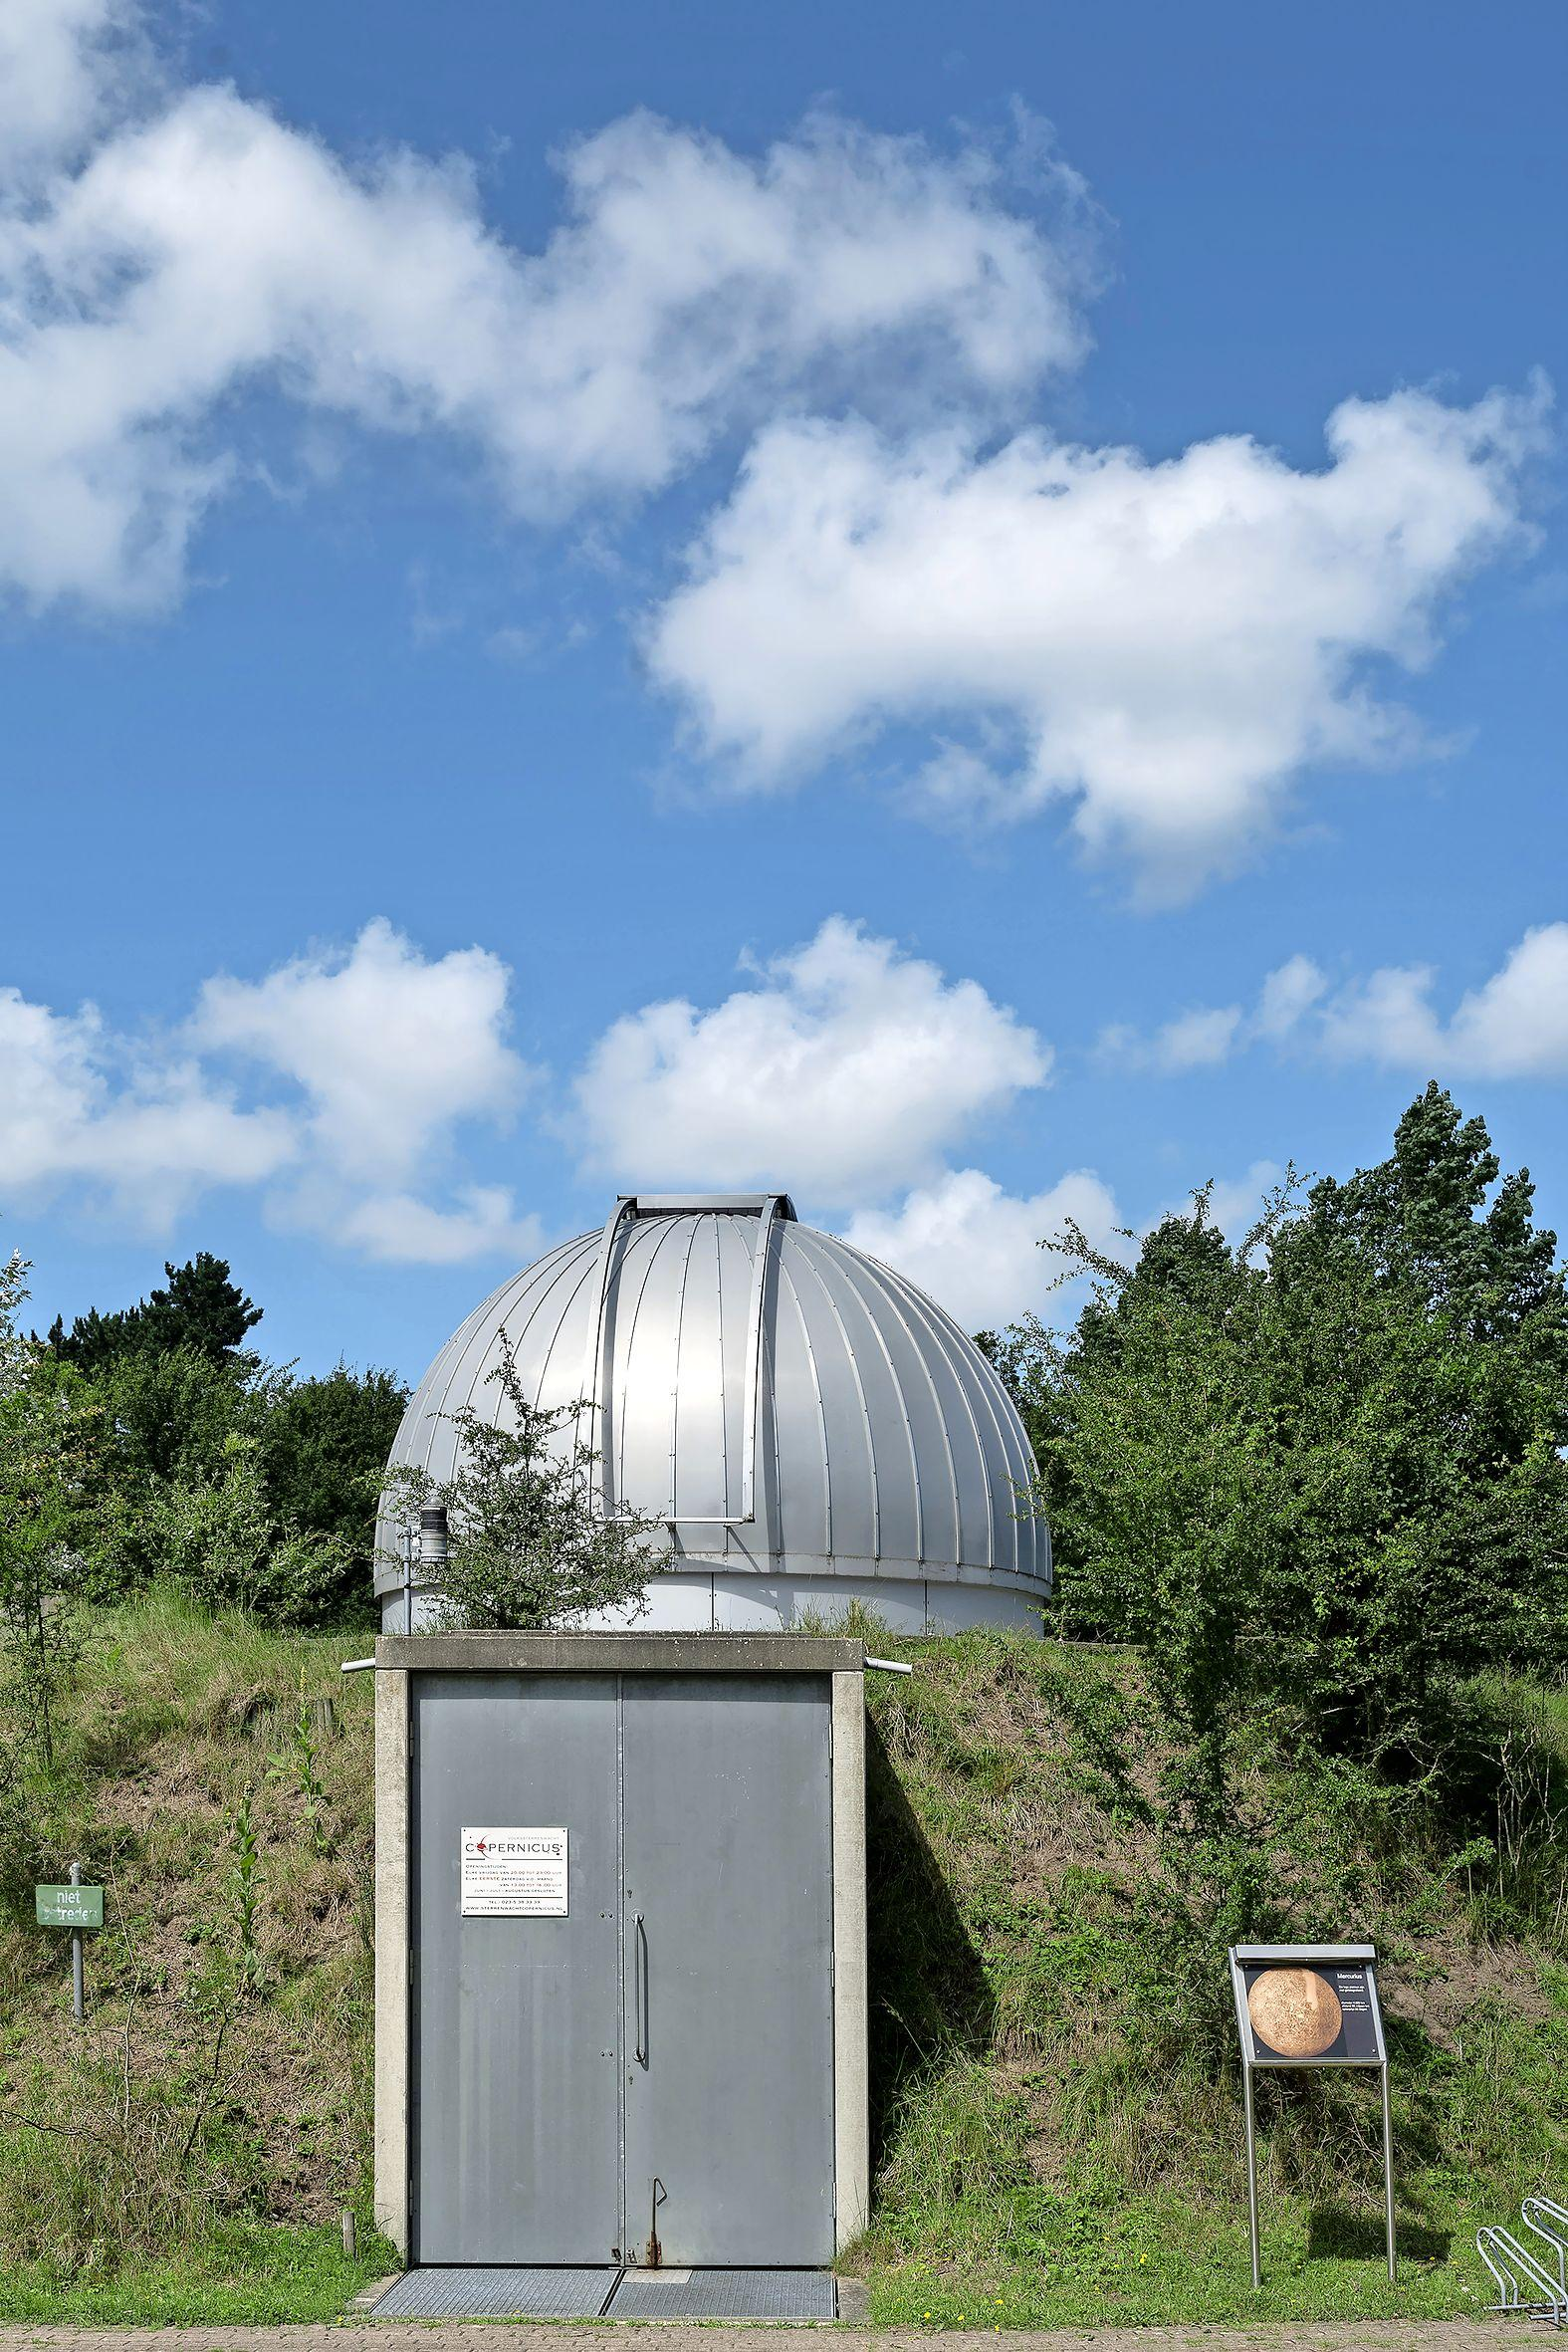 Knallende ruzie tussen sterrenwacht Copernicus en tennisvereniging WOC; led-lampen zorgen voor lichtvervuiling